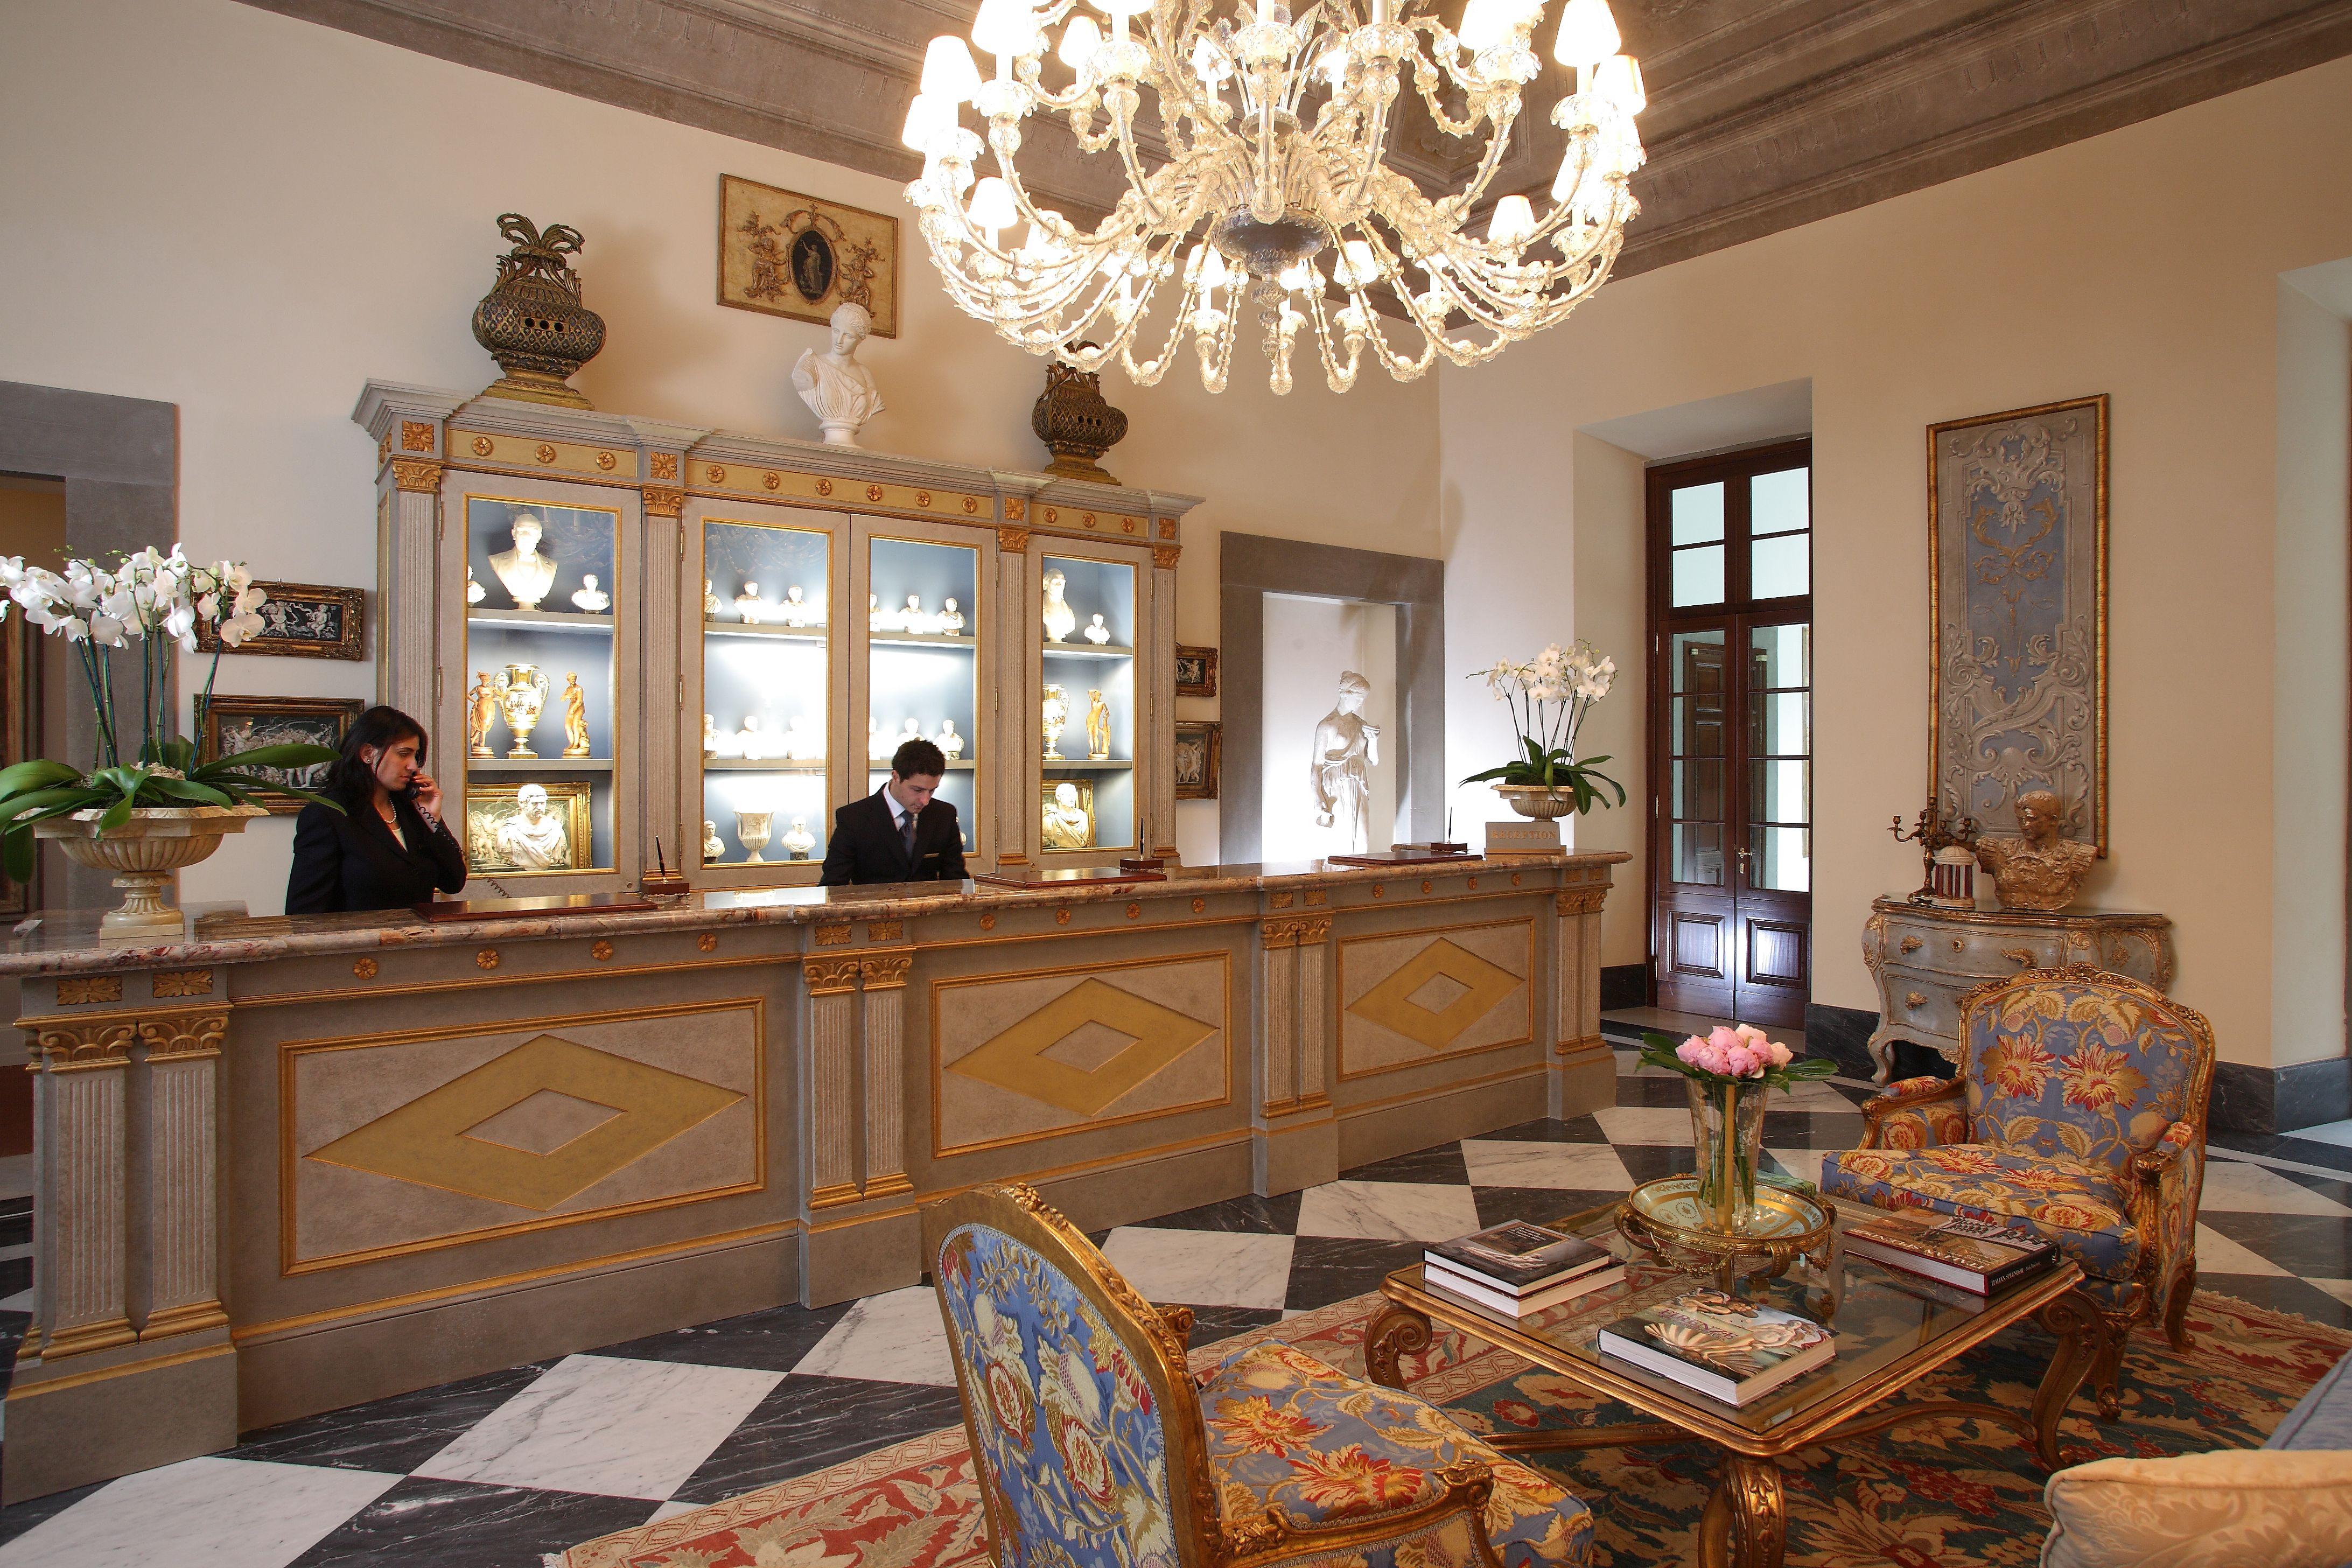 Il lusso è tra le aree coinvolte nei top trend per l'hotellerie. Nella foto, la reception del Four Seasons di Firenze, 5 stelle lusso